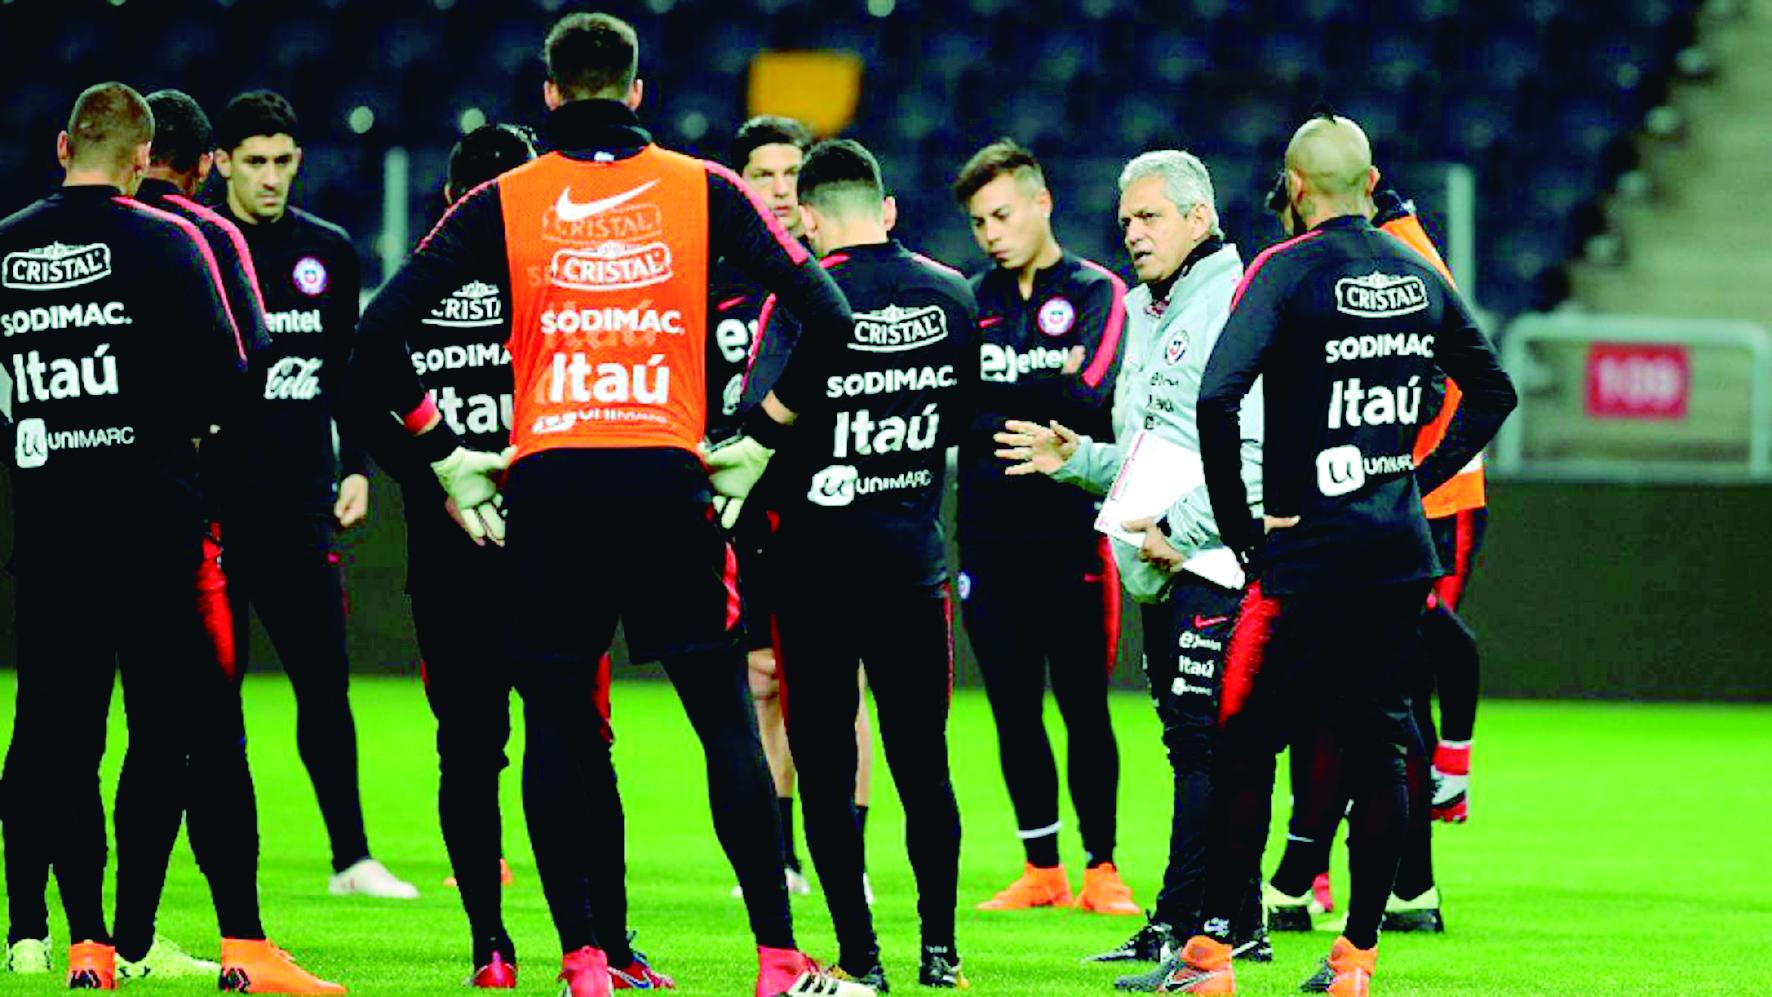 Jugadores chilenos deciden no jugar amistoso contra Perú | Internacional | Deportes | EL FRENTE